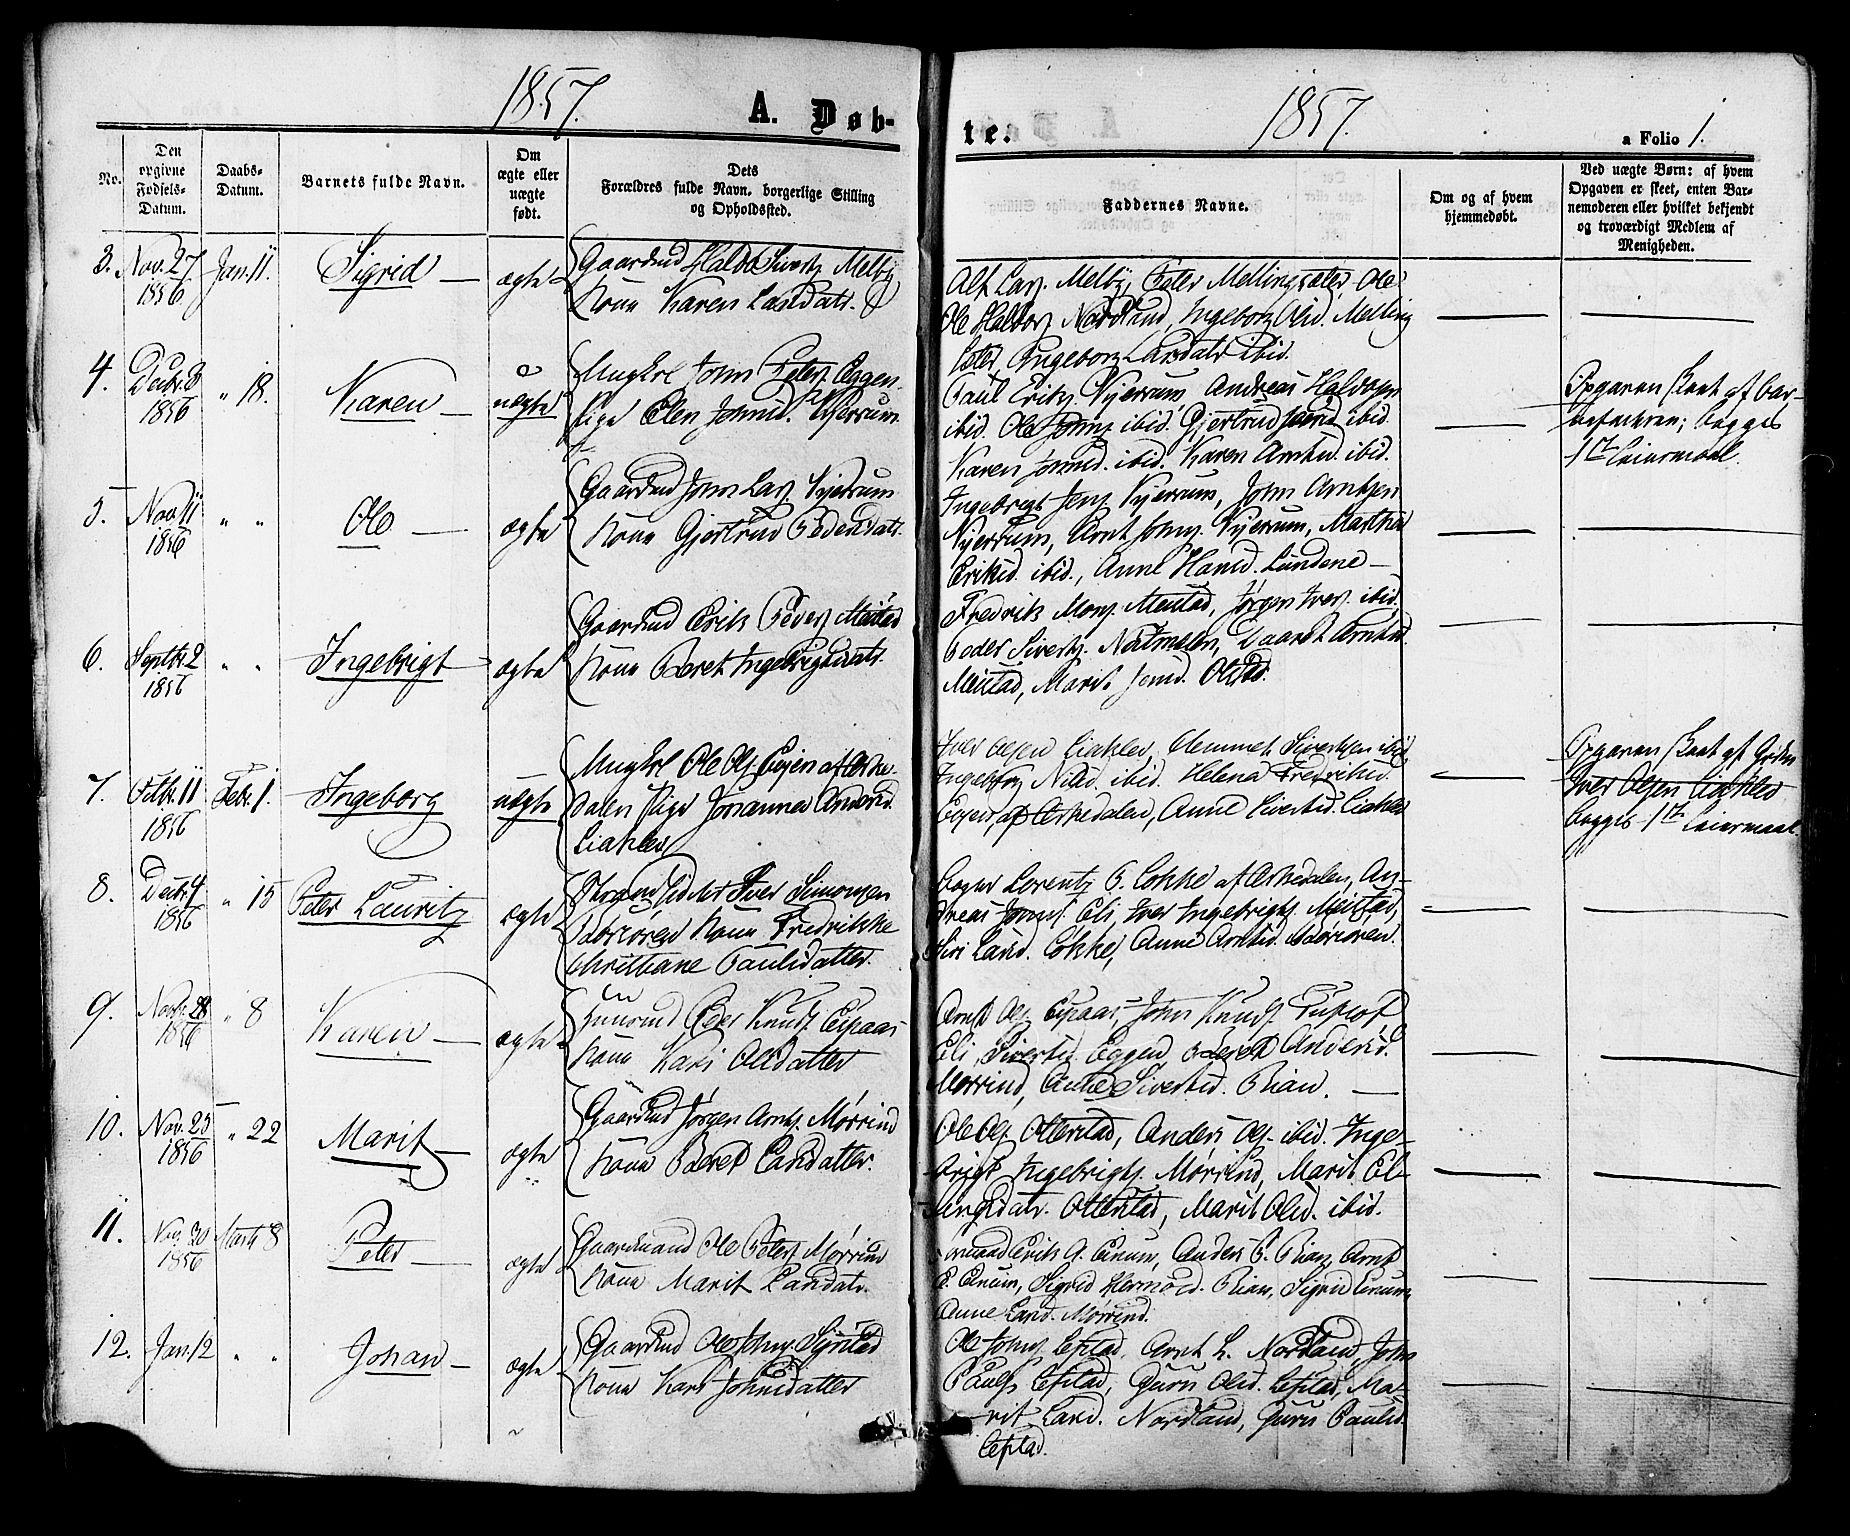 SAT, Ministerialprotokoller, klokkerbøker og fødselsregistre - Sør-Trøndelag, 665/L0772: Ministerialbok nr. 665A07, 1856-1878, s. 1